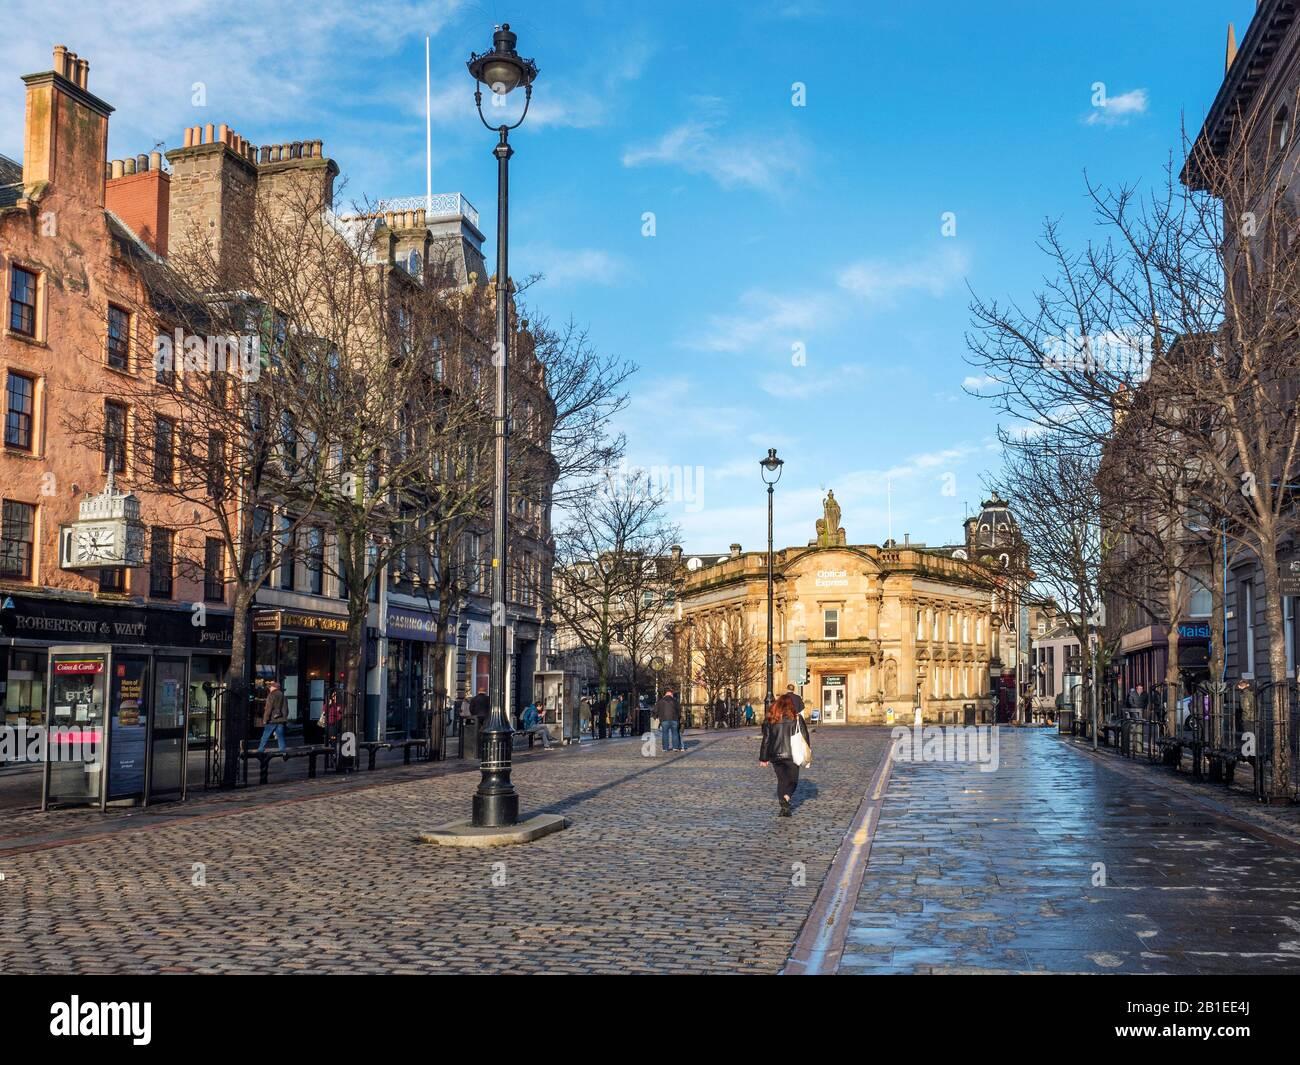 High Street y el antiguo edificio del banco Clydesdale Bank en invierno Dundee Escocia luz del sol Foto de stock